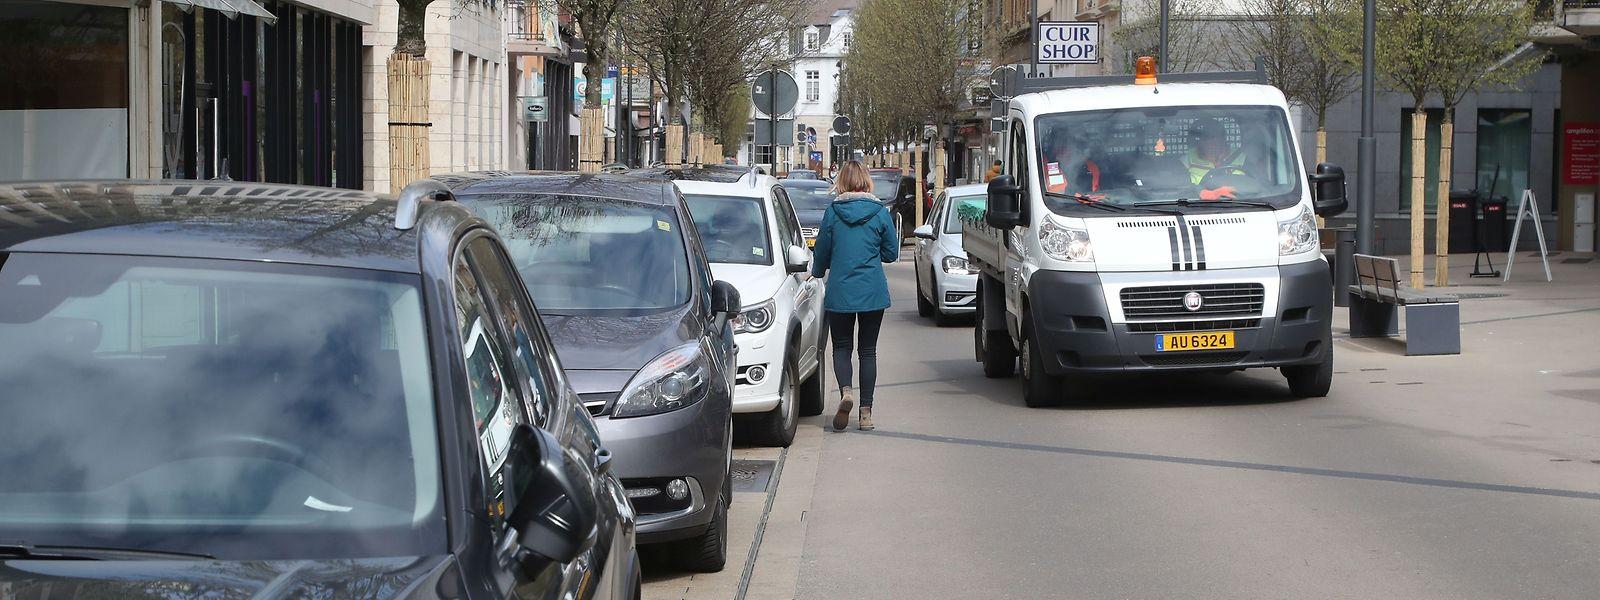 An Wochentagen dürfen Autos durch das Zentrum fahren. Samstags sind sie unerwünscht.